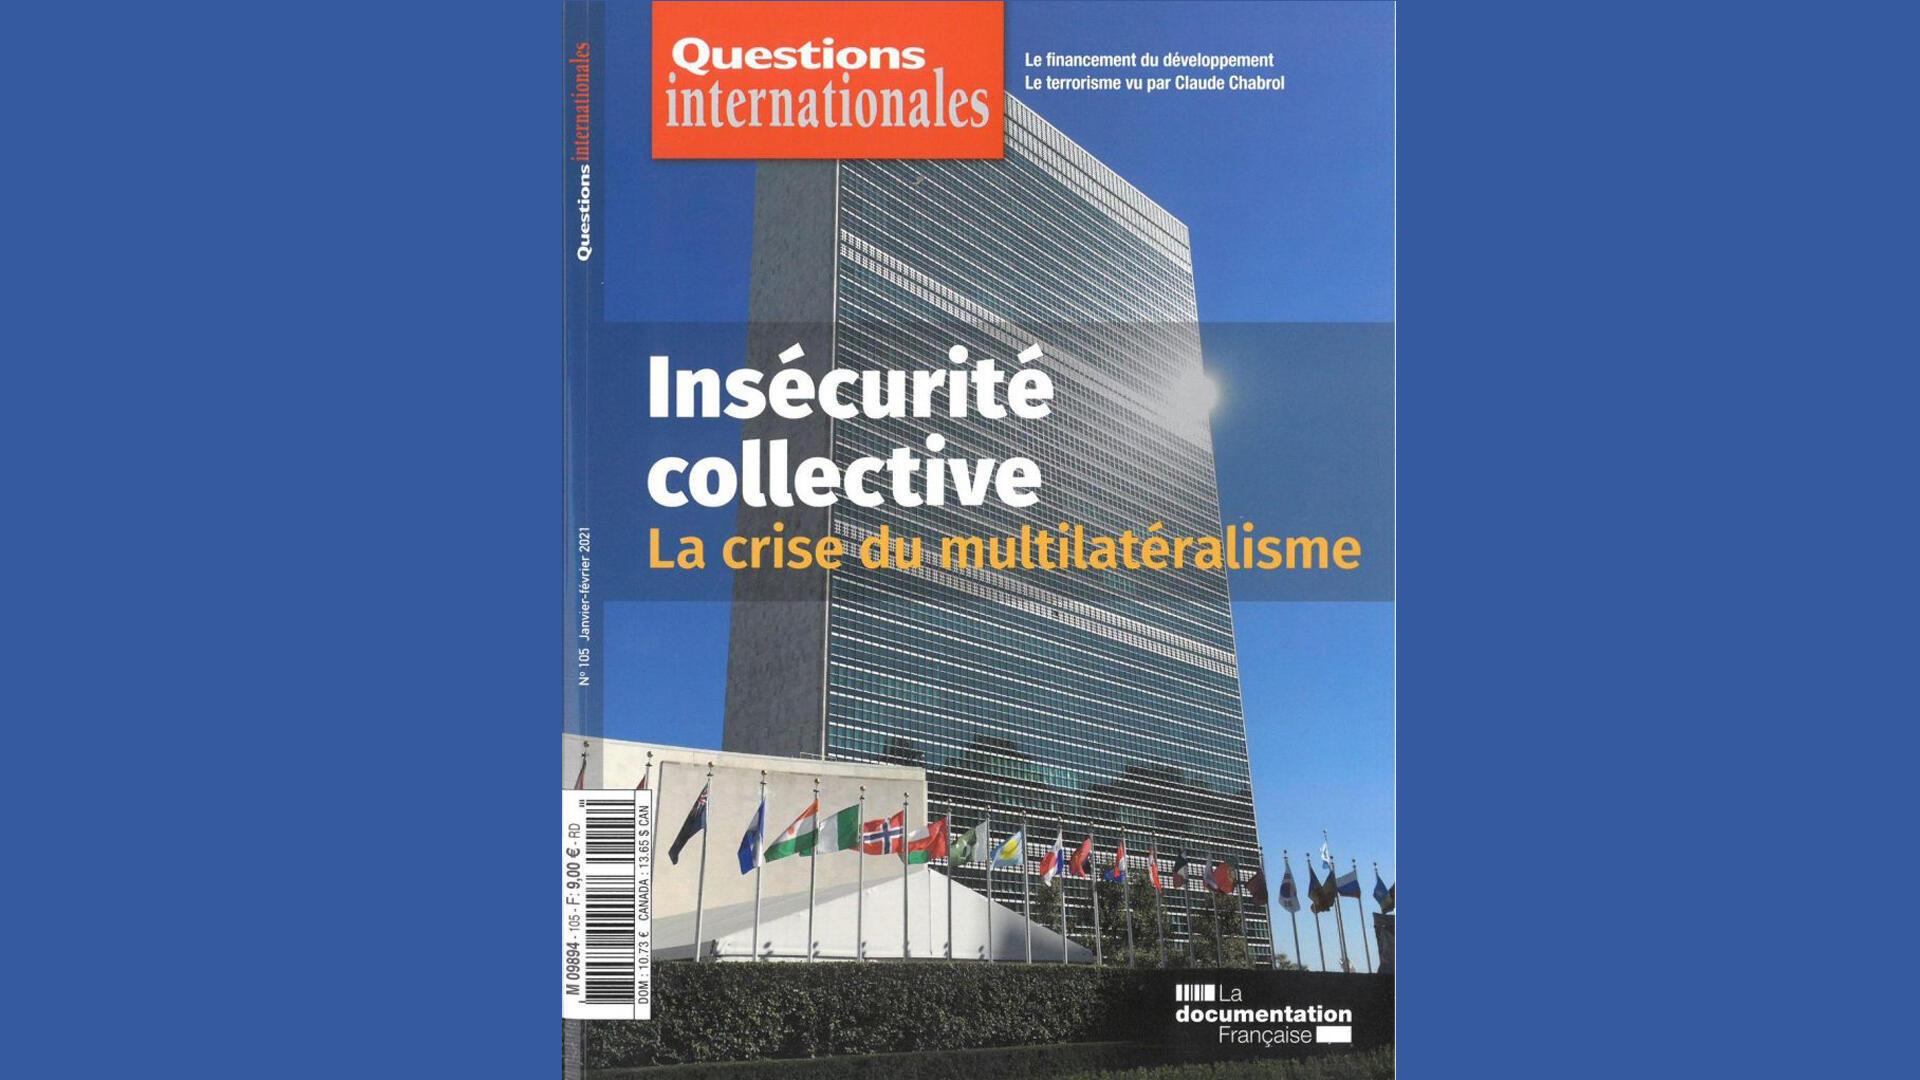 Couverture - Questions internationales - Multilatéralisme - Géopolitique le débat